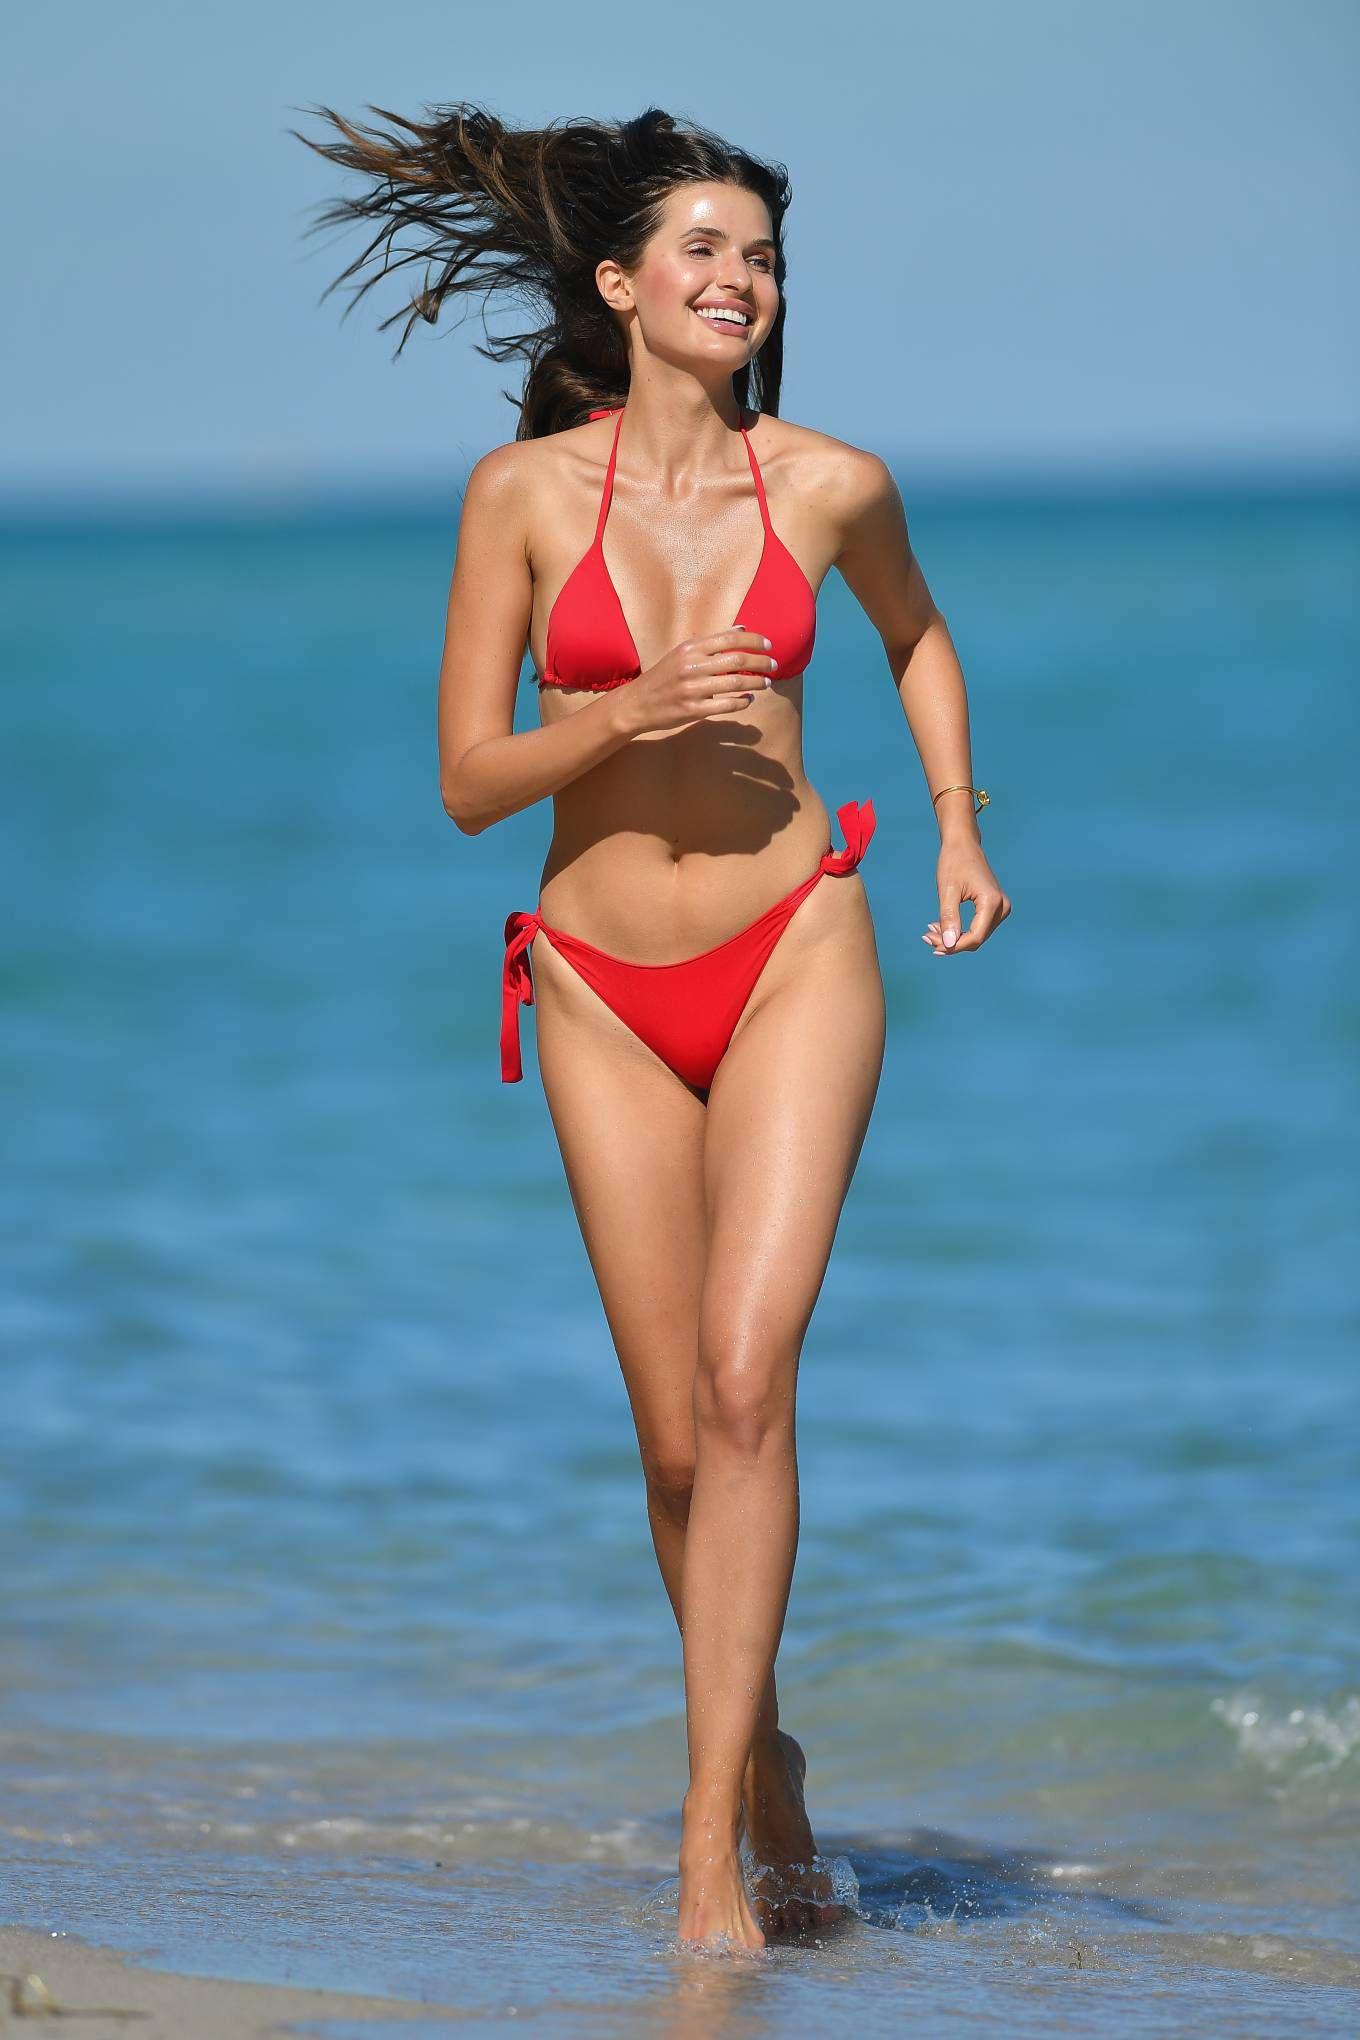 Jessica Markowski Hot Red Bikini